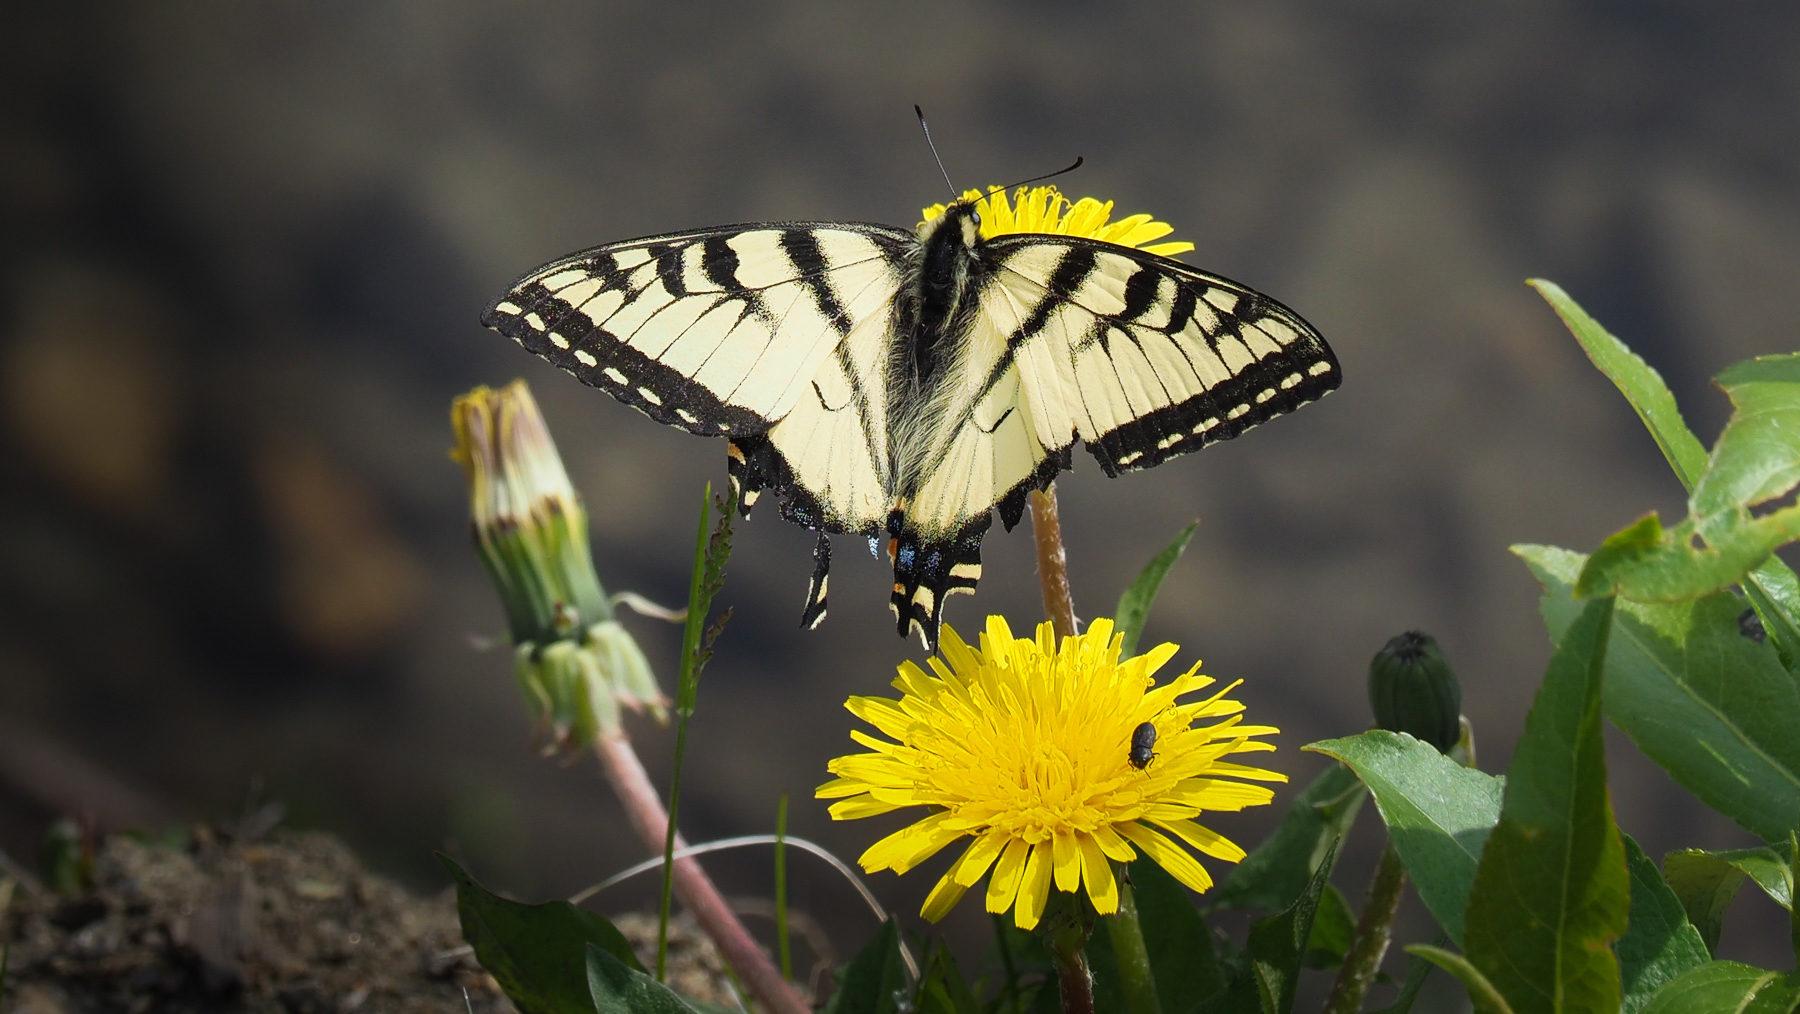 schöner Schmetterling am Wegesrand